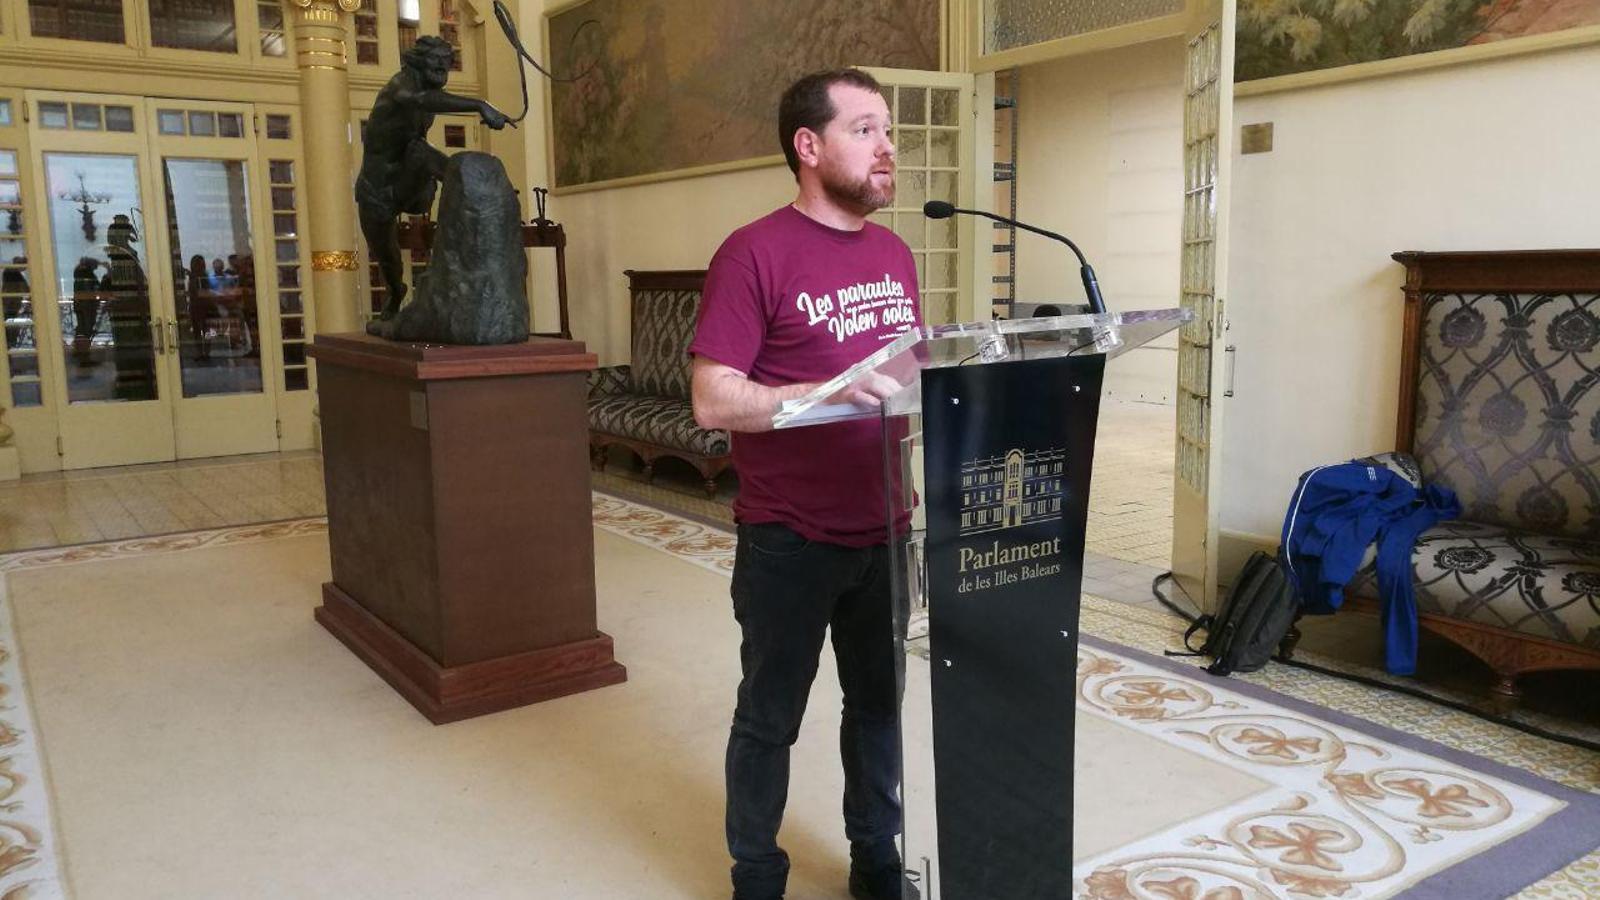 El diputat de MÉS, David Abril, ha comparegut amb la camiseta de suport a Valtònyc.